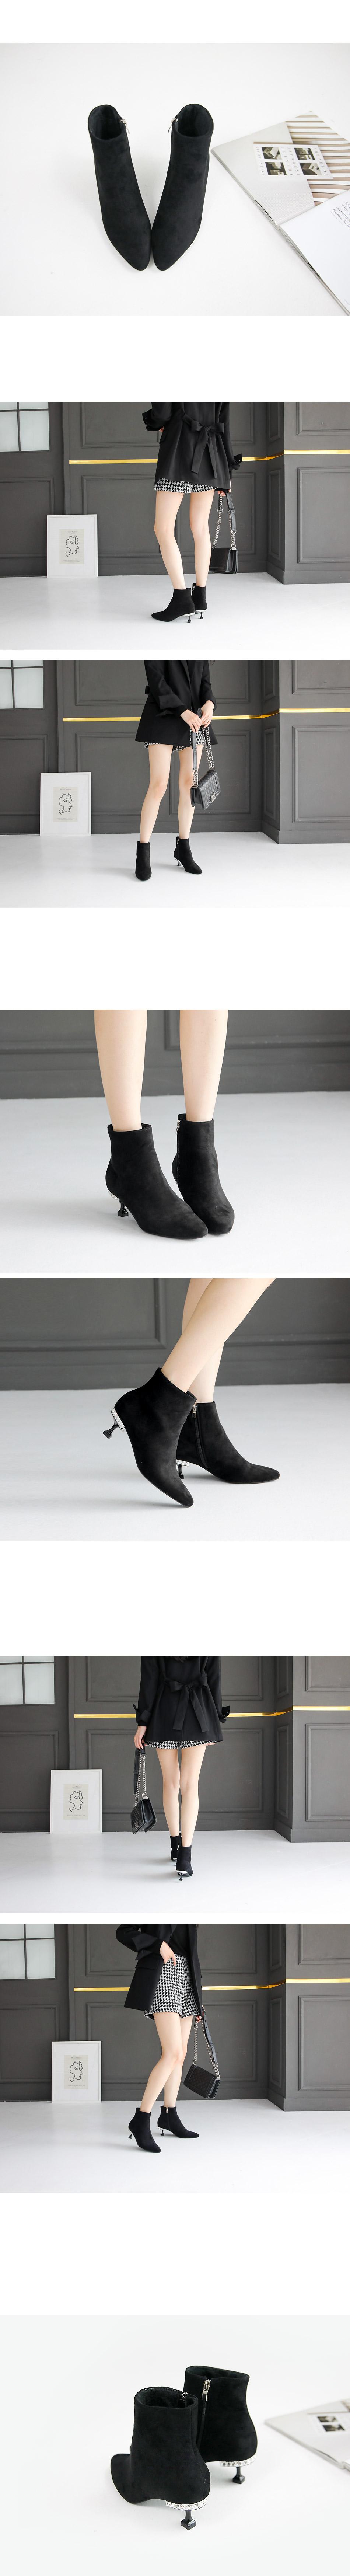 Velaz ankle boots 5cm